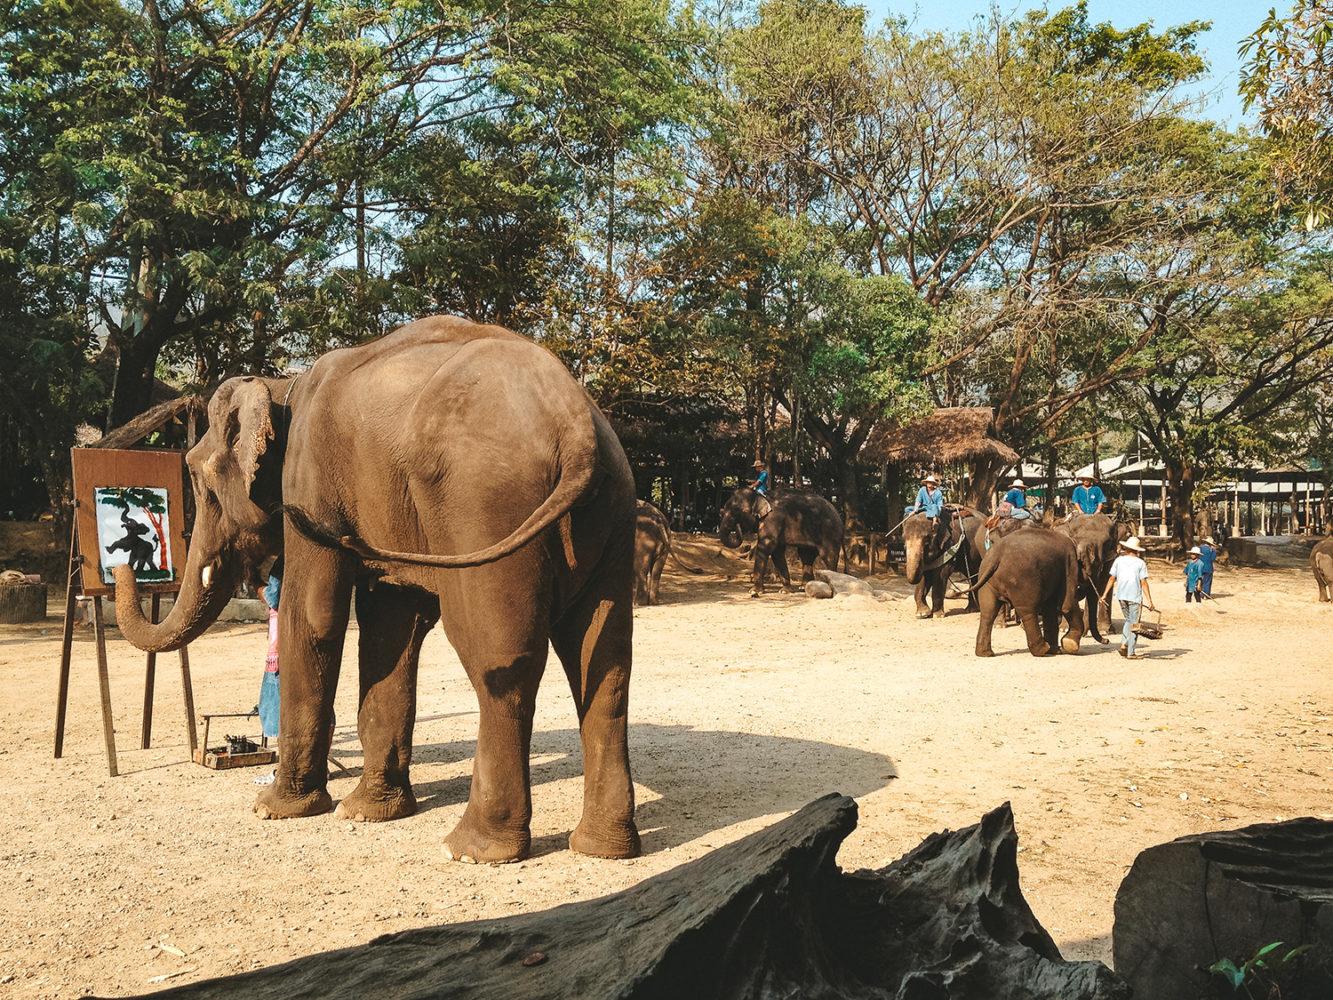 La triste réalité des spectacles d'éléphants